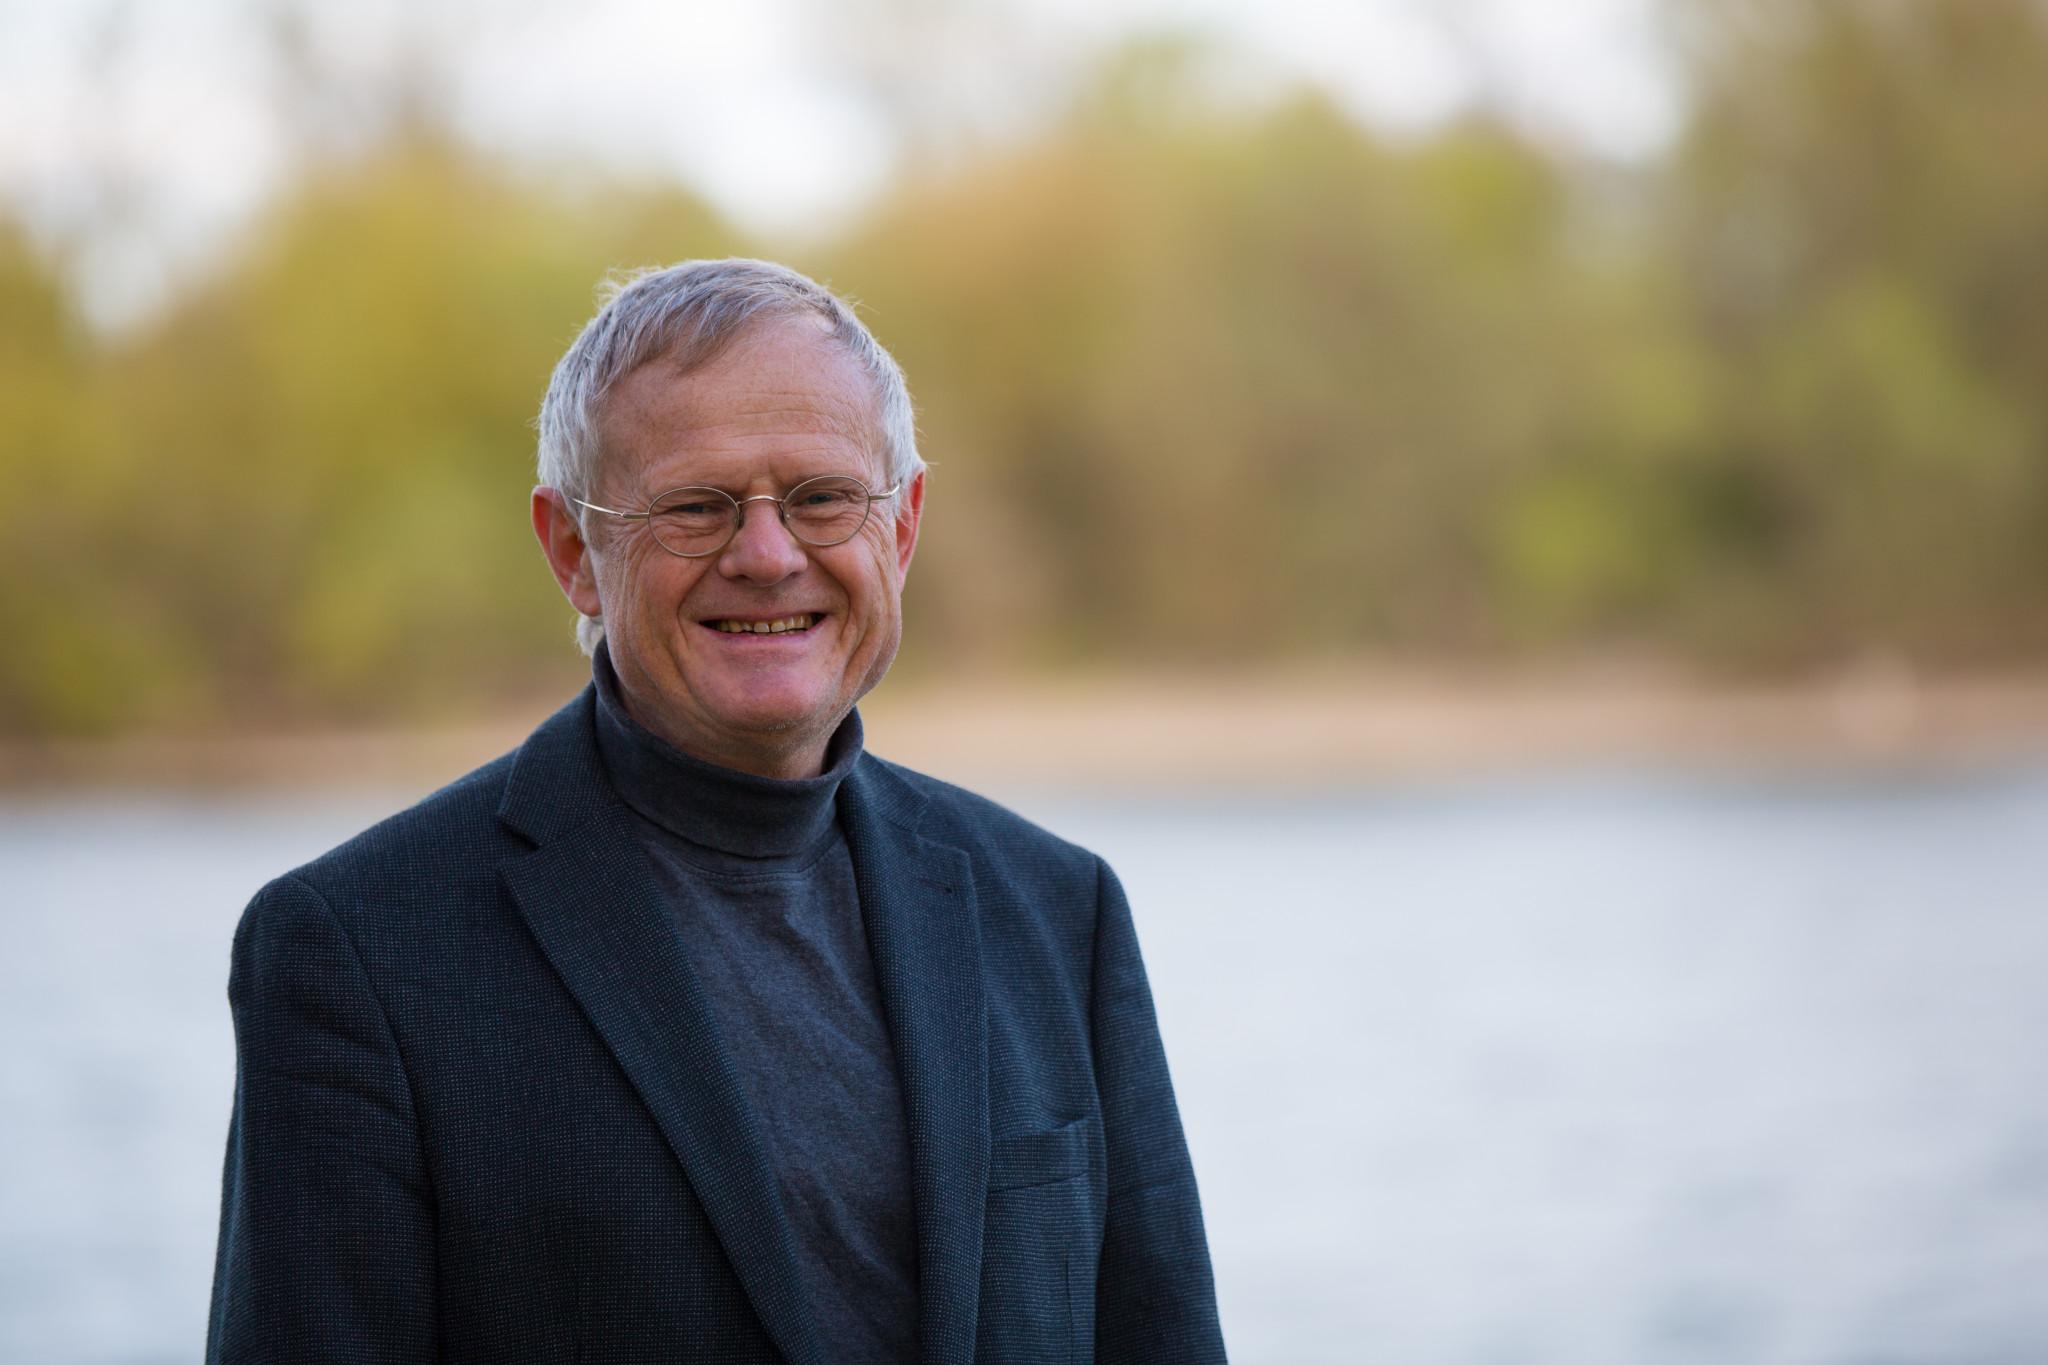 Arbeit für die Patient*innen auf politischer Ebene fortsetzen: Grüner Gesundheits- und Sozialexperte Armin Grau kandidiert für aussichtsreichen Platz für den Bundestag